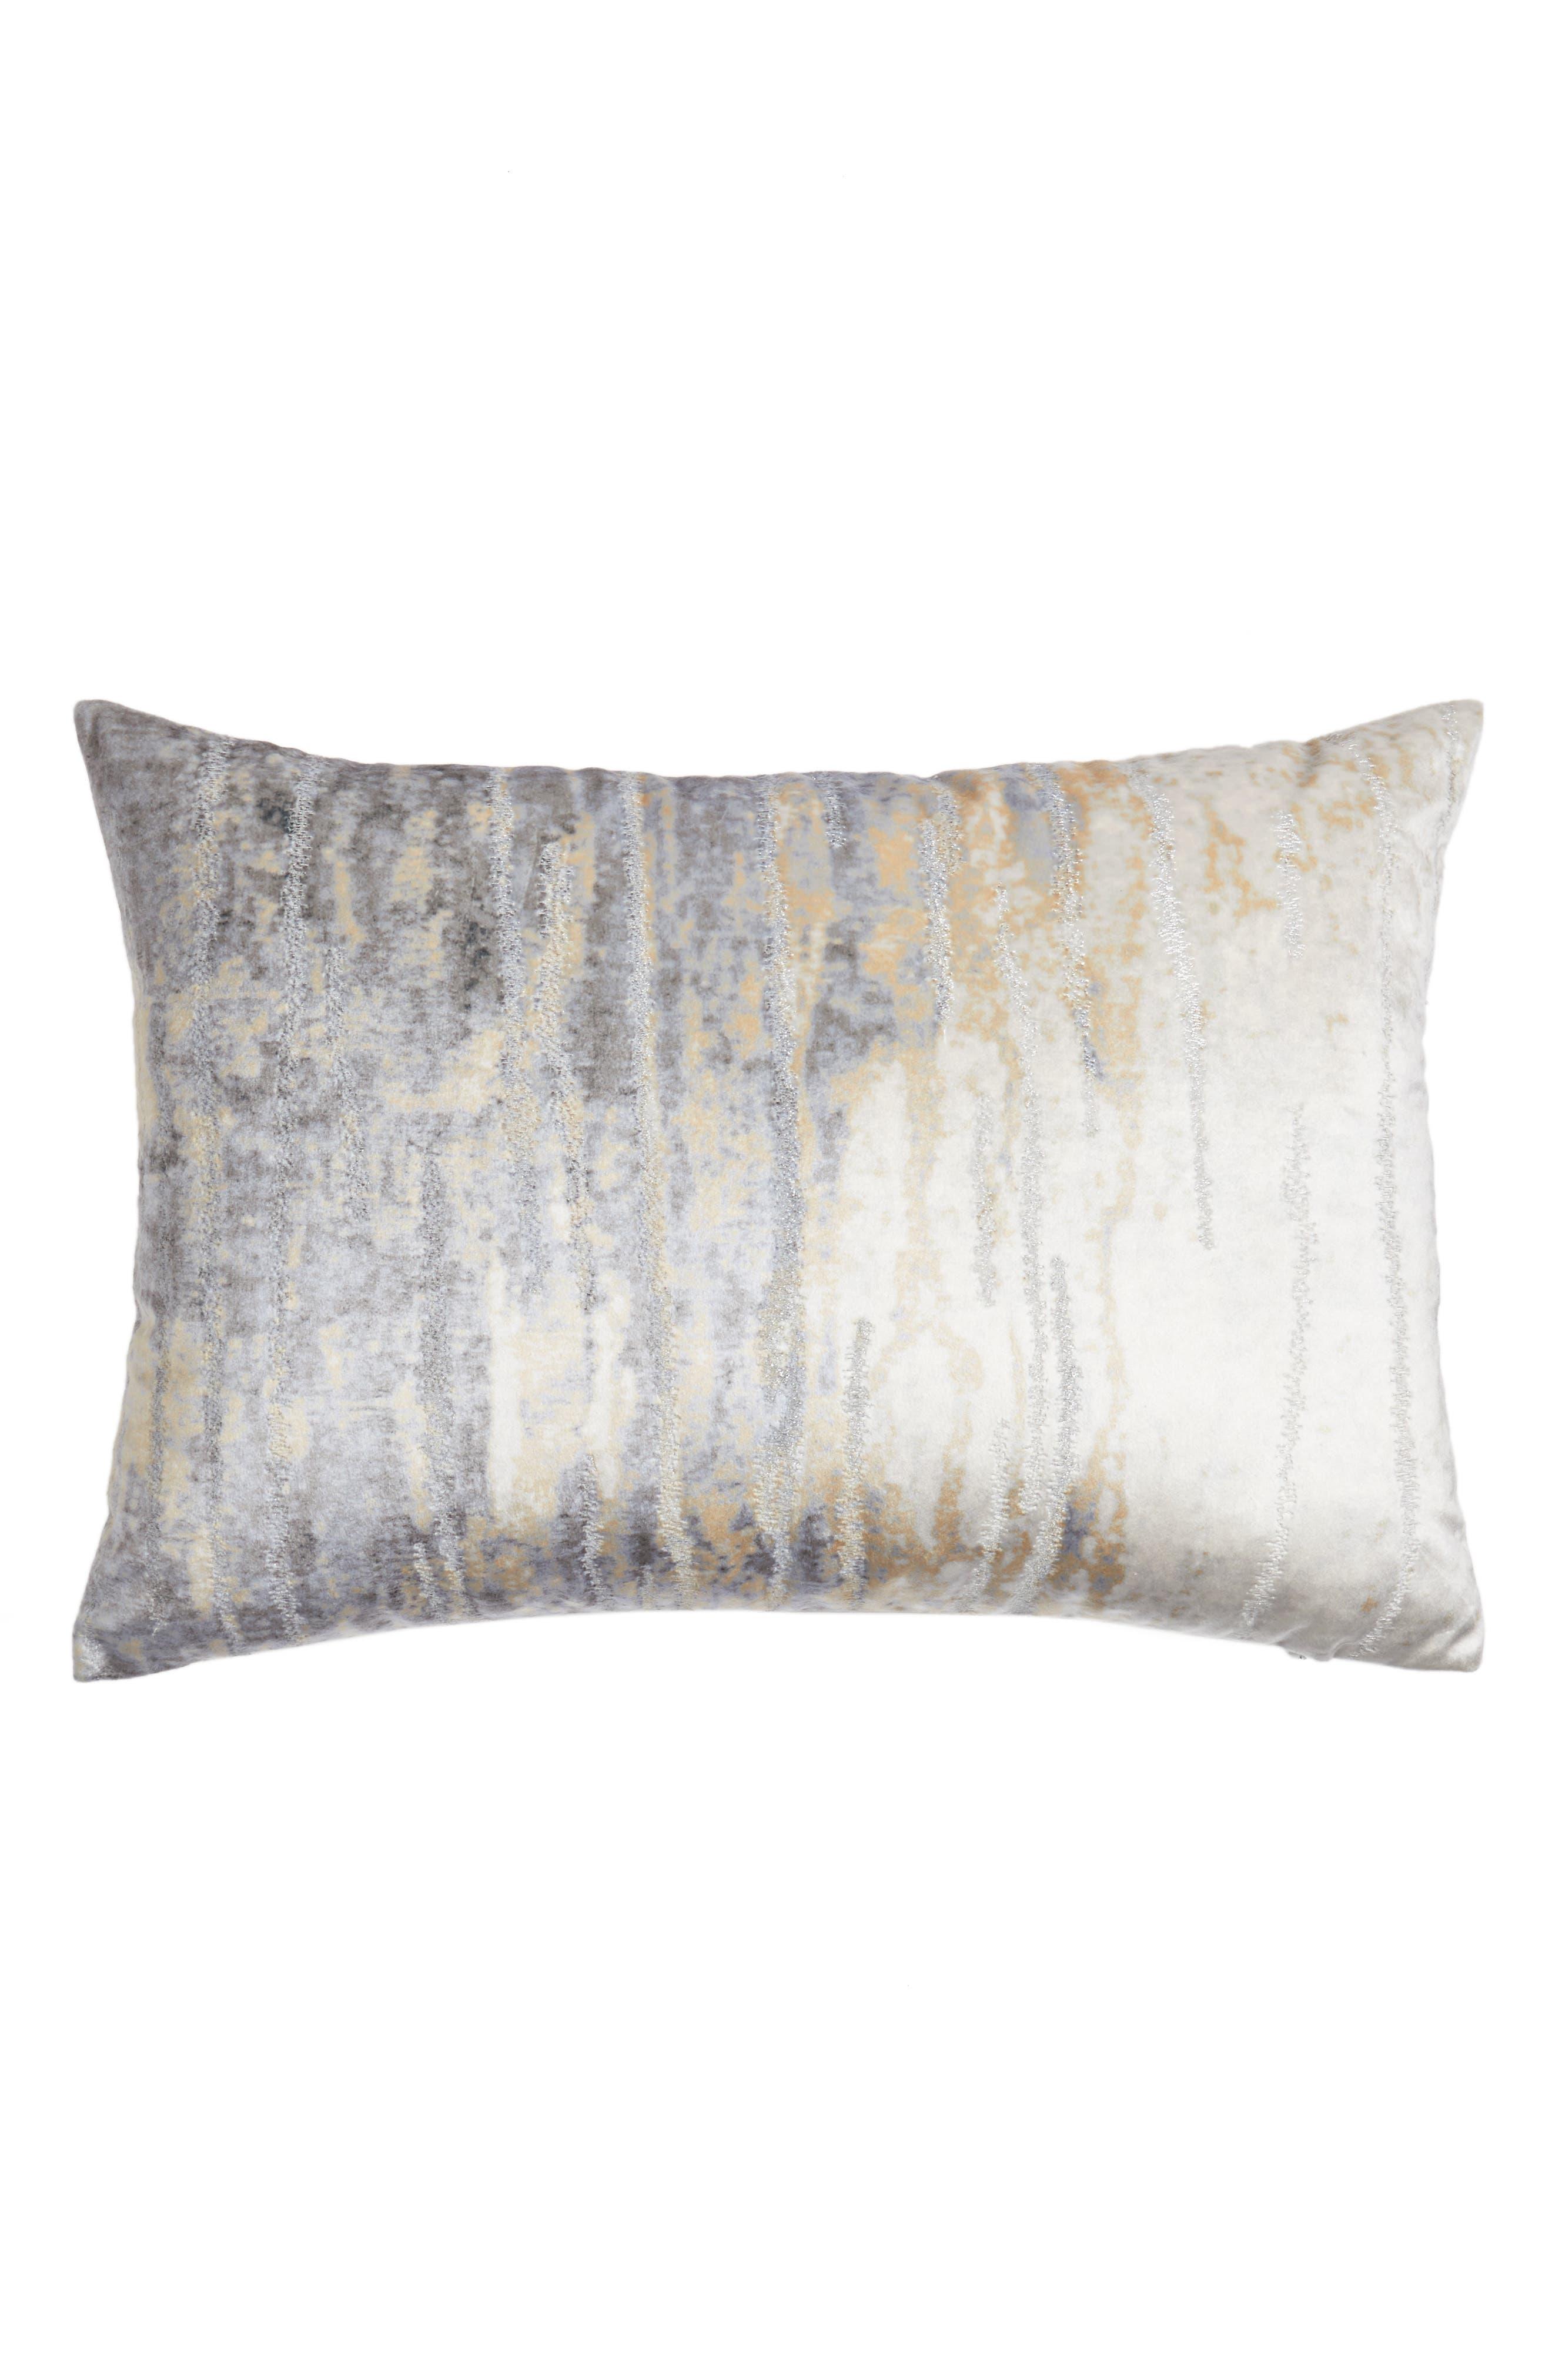 Cloud9 Designs Velvet Print Accent Pillow